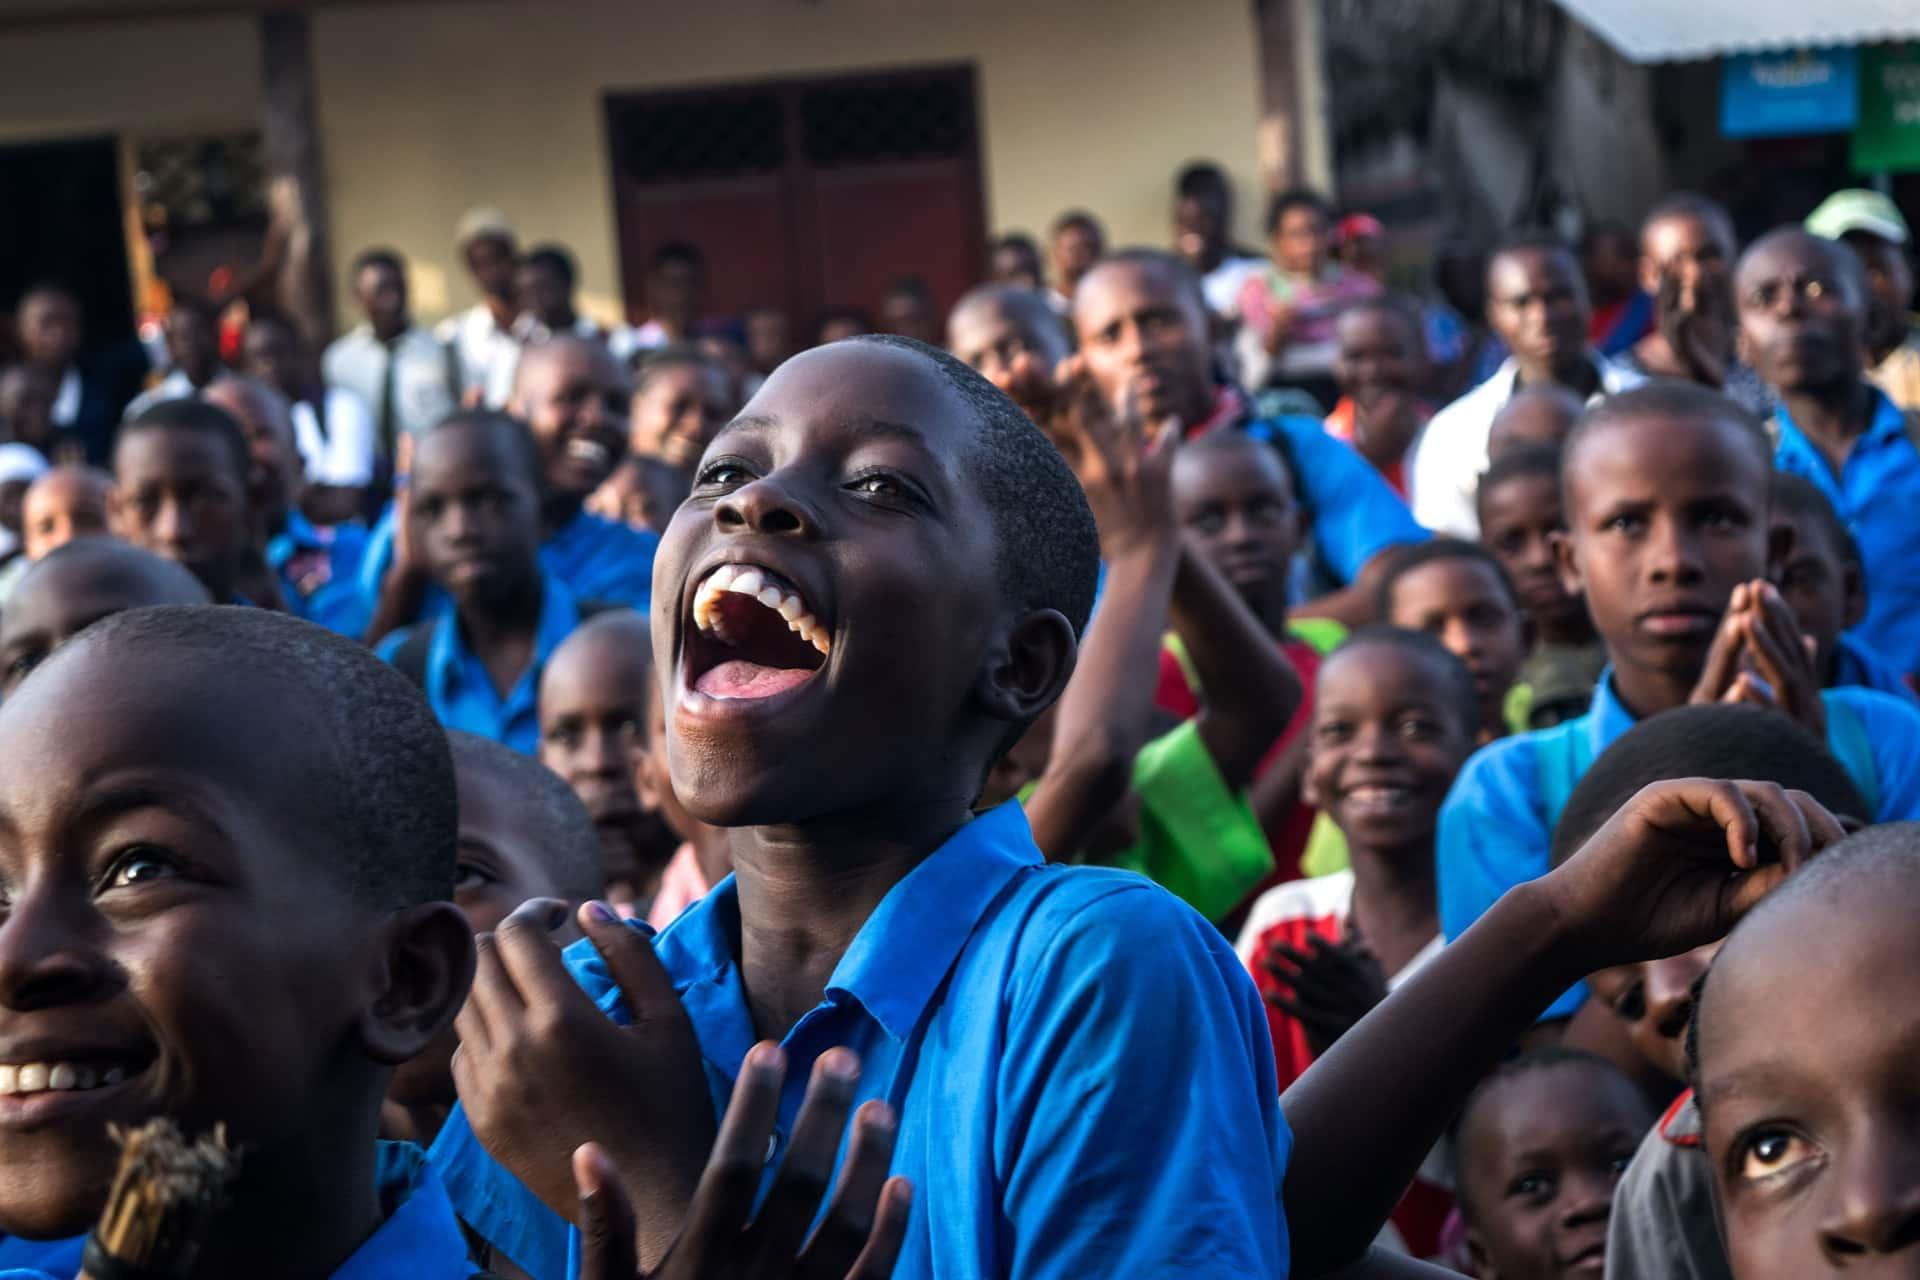 Volontariato internazionale in Camerun per diversi progetti educativi